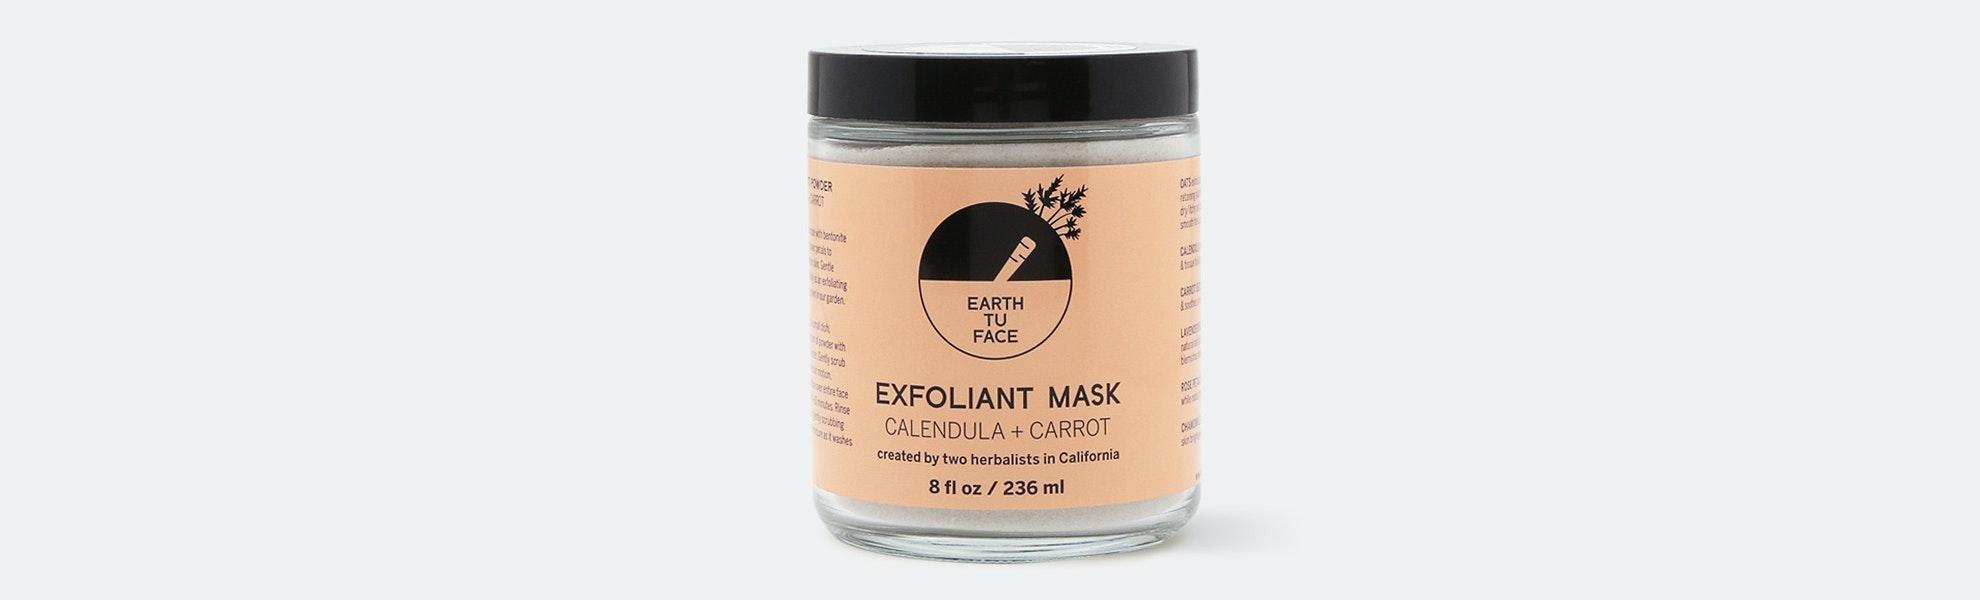 Earth tu Face Exfoliating Mask